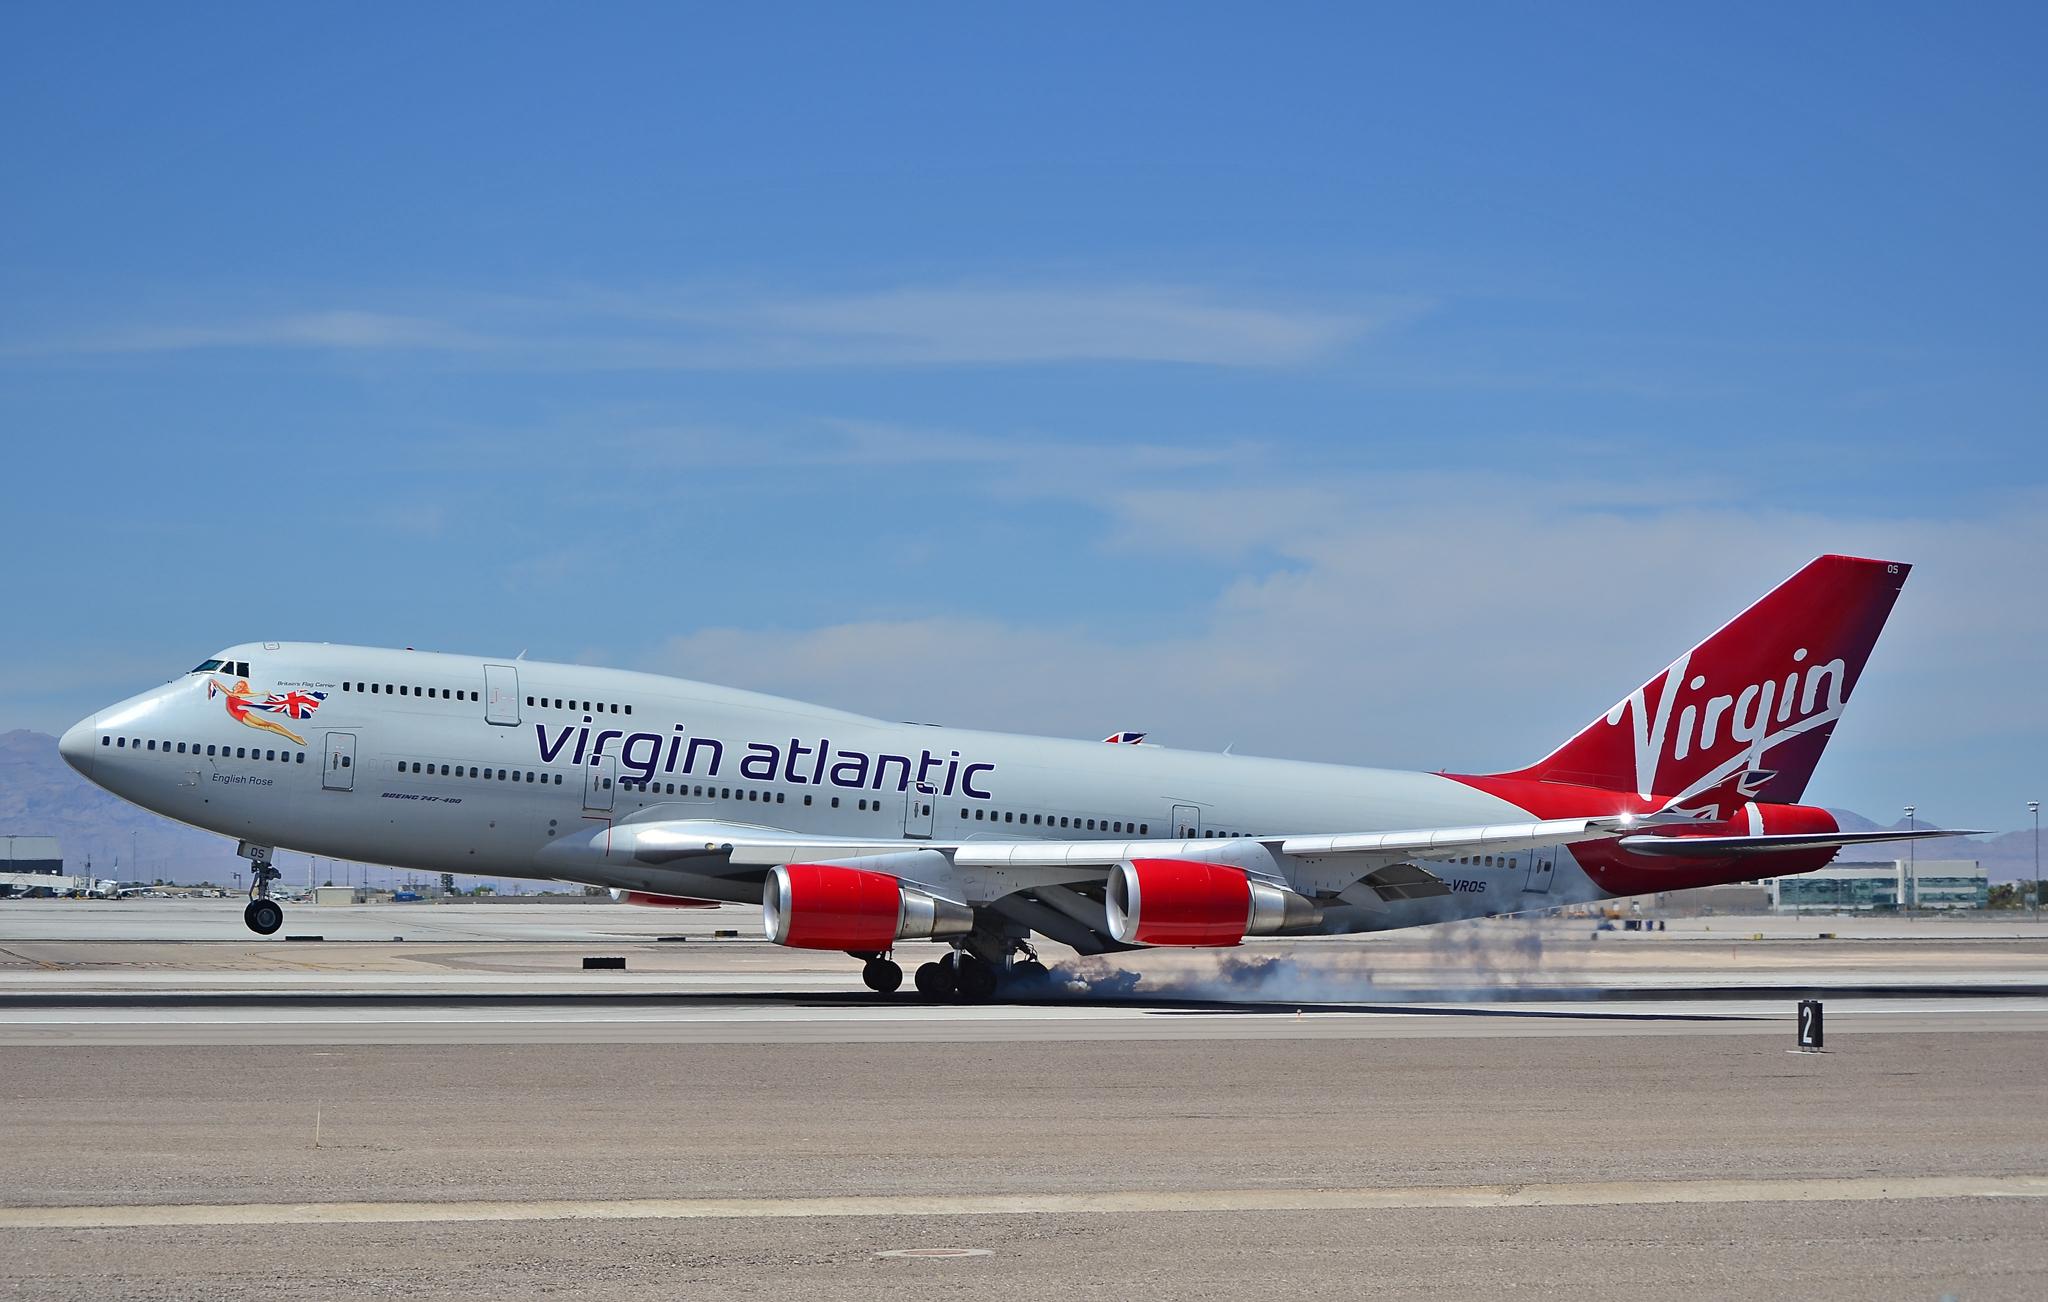 File:Virgin Atlantic Airways Boeing 747-443 G-VROS (cn 30885-